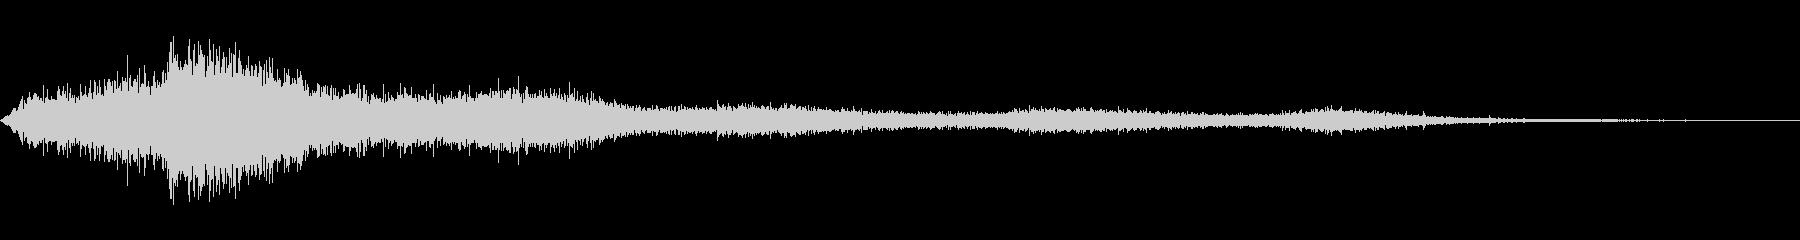 【生録音】 早朝の街 交通 環境音 23の未再生の波形